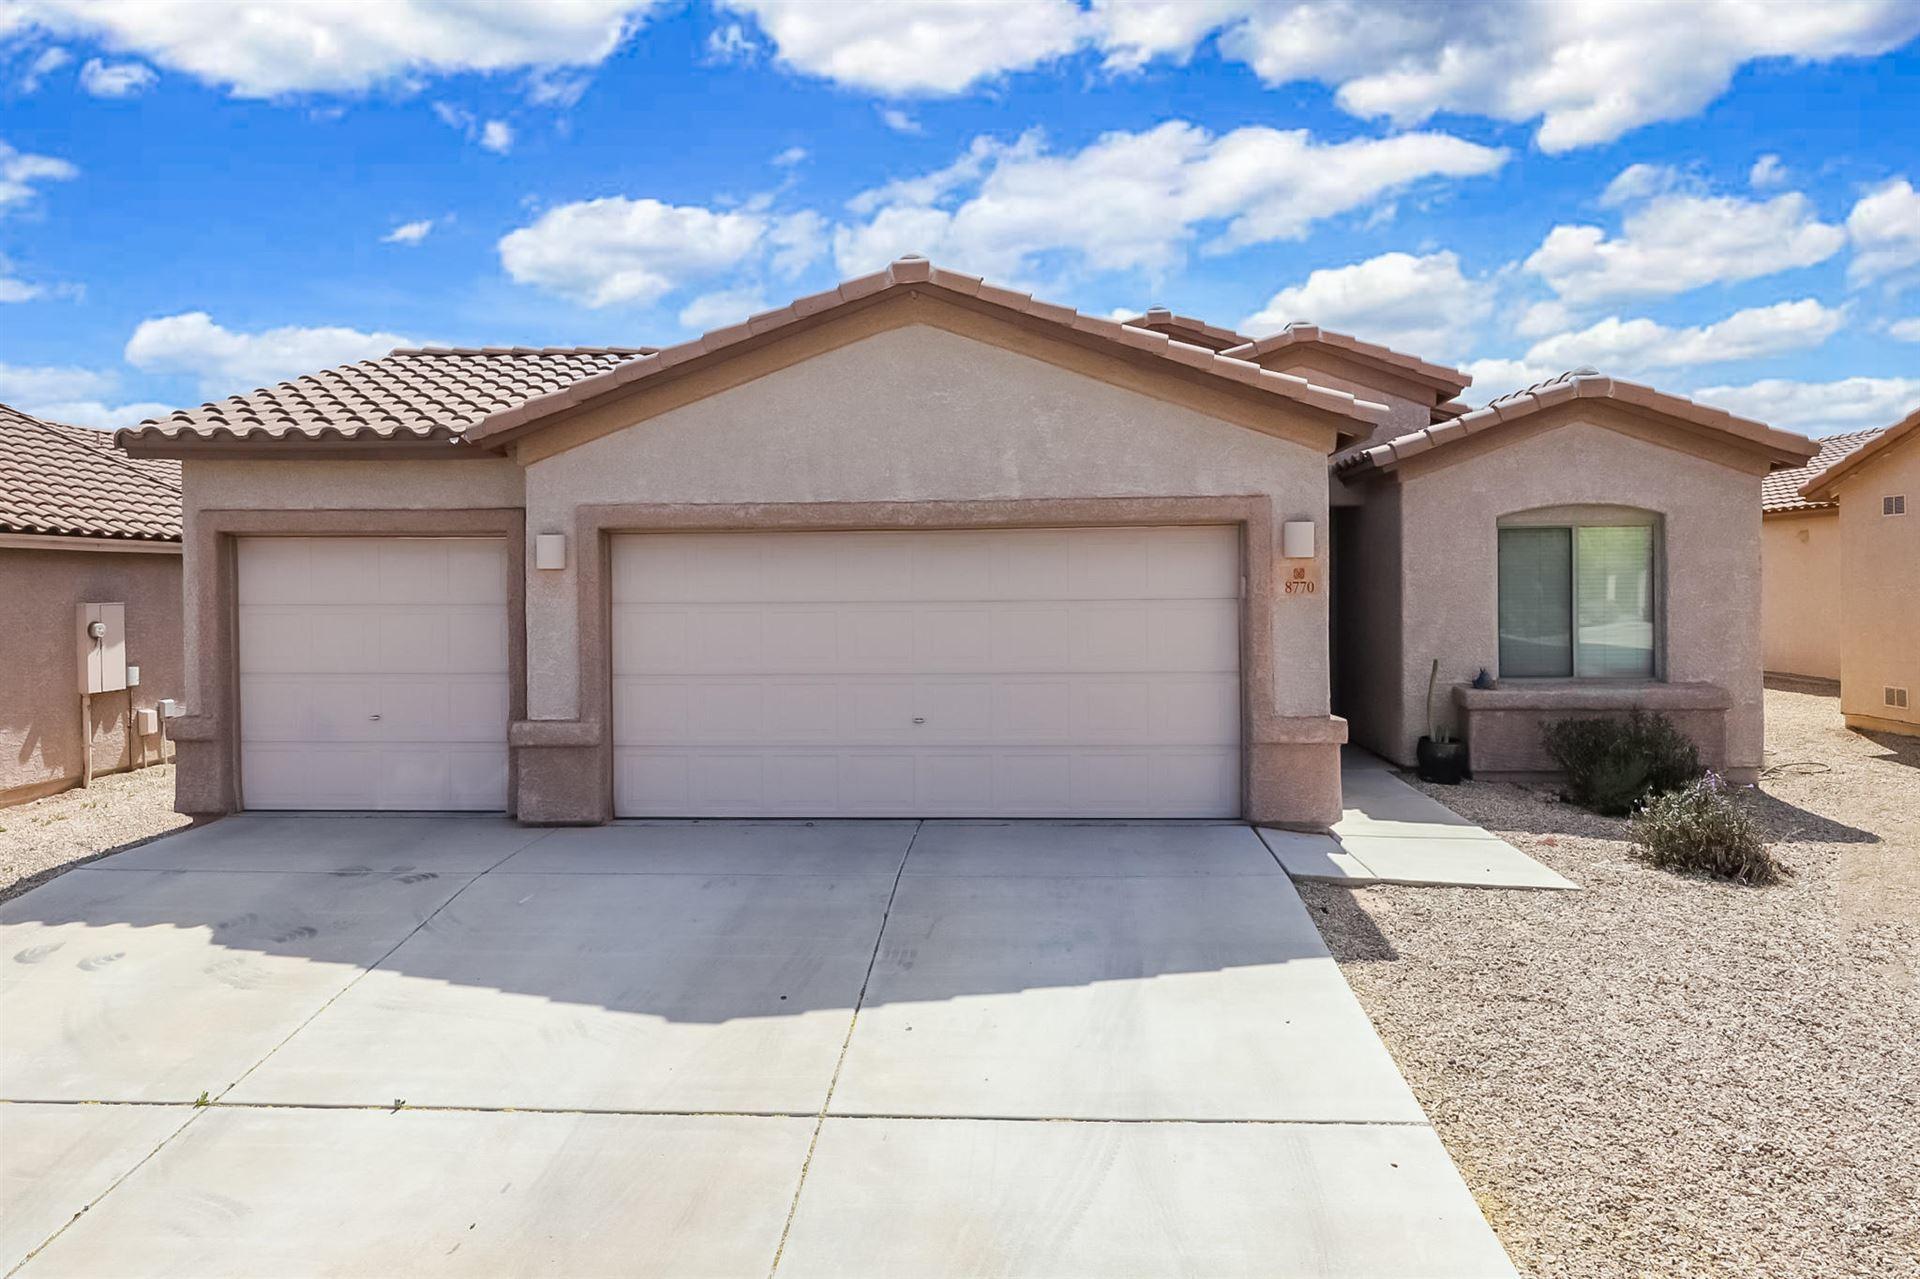 8770 N Finfrock Drive, Tucson, AZ 85743 - MLS#: 22109960